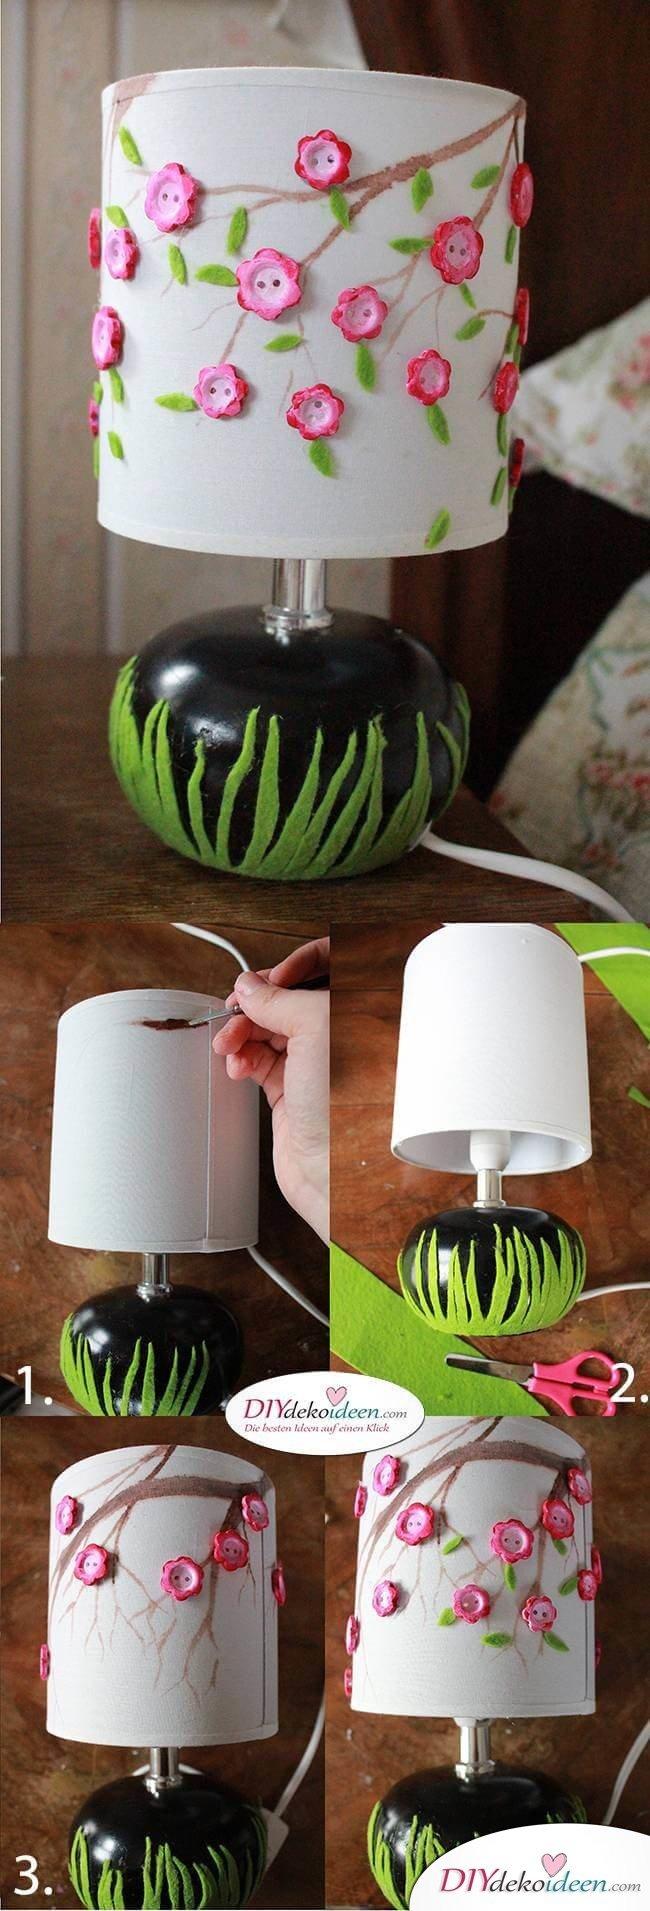 Kreative DIY Frühjahrsdekoideen – Lampe selbst gestalten